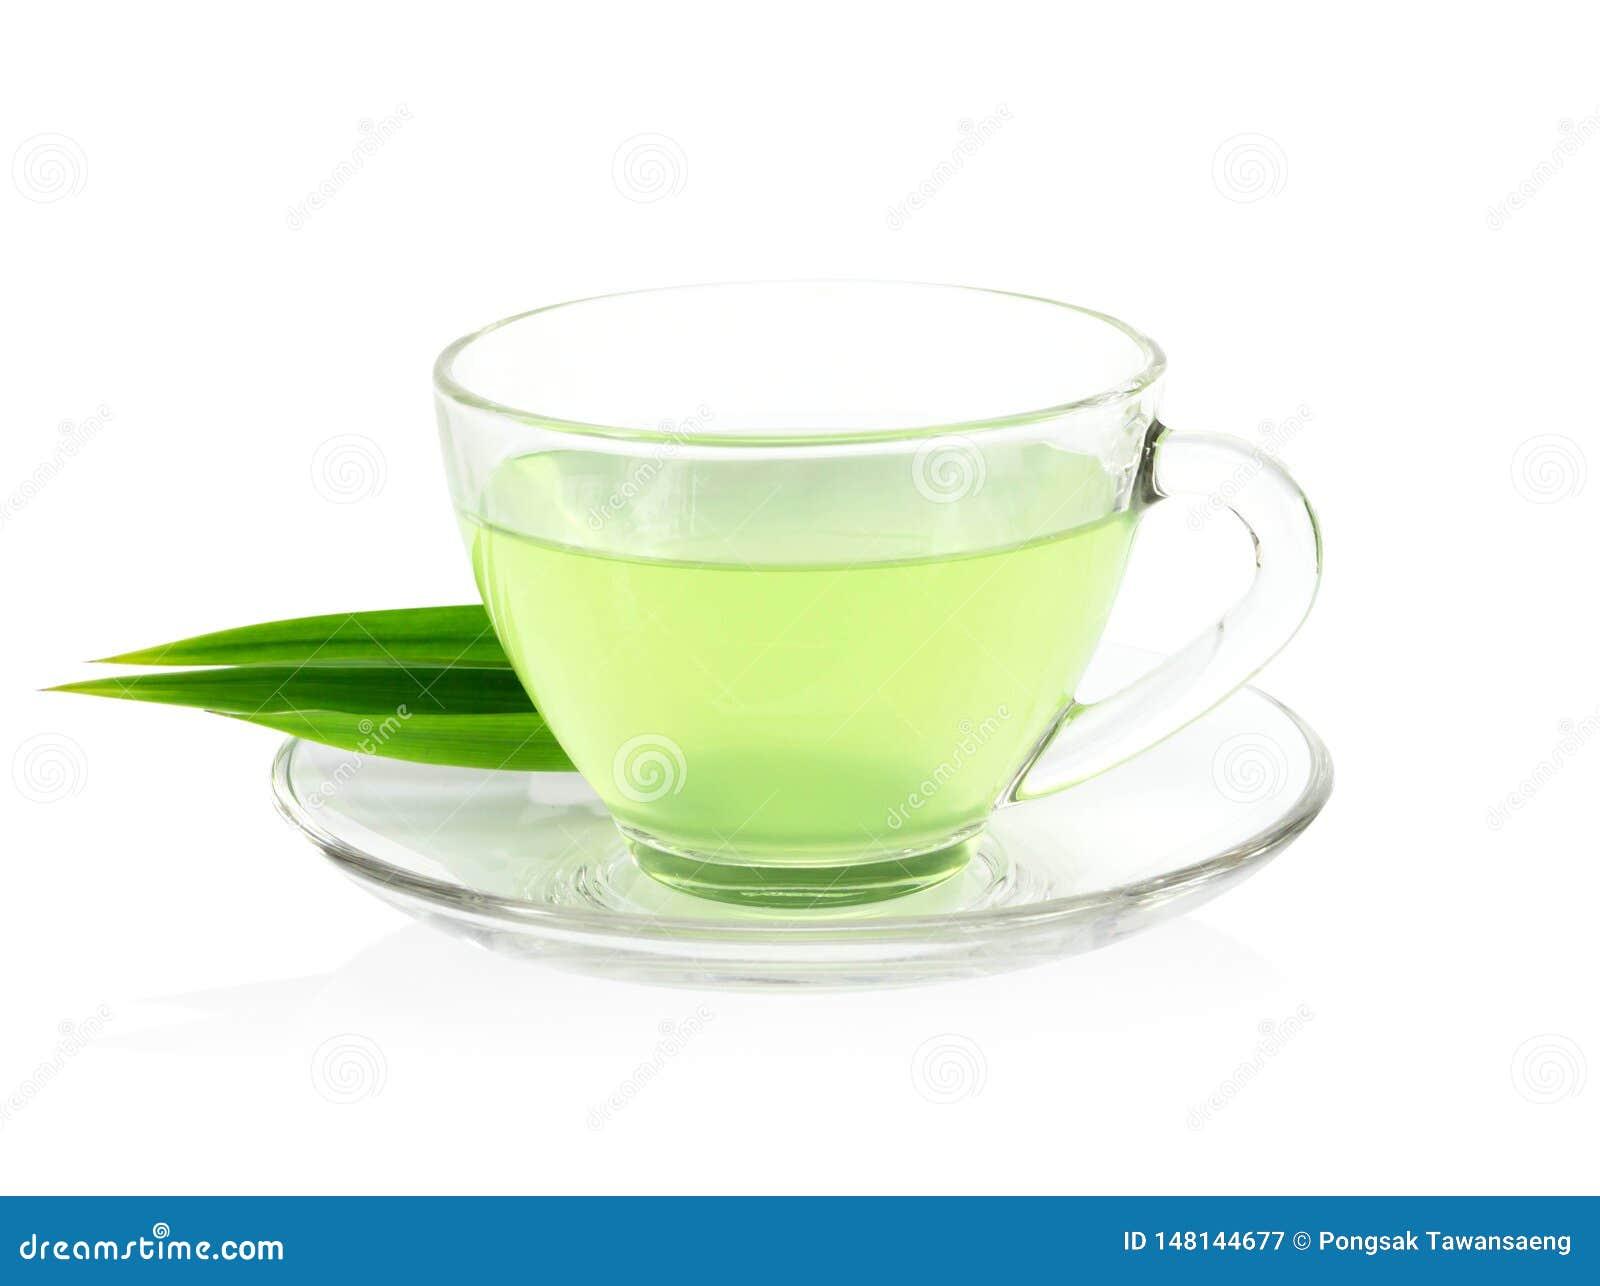 Ποτήρι του pandan χυμού με τα πράσινα φύλλα που απομονώνονται στο άσπρο υπόβαθρο